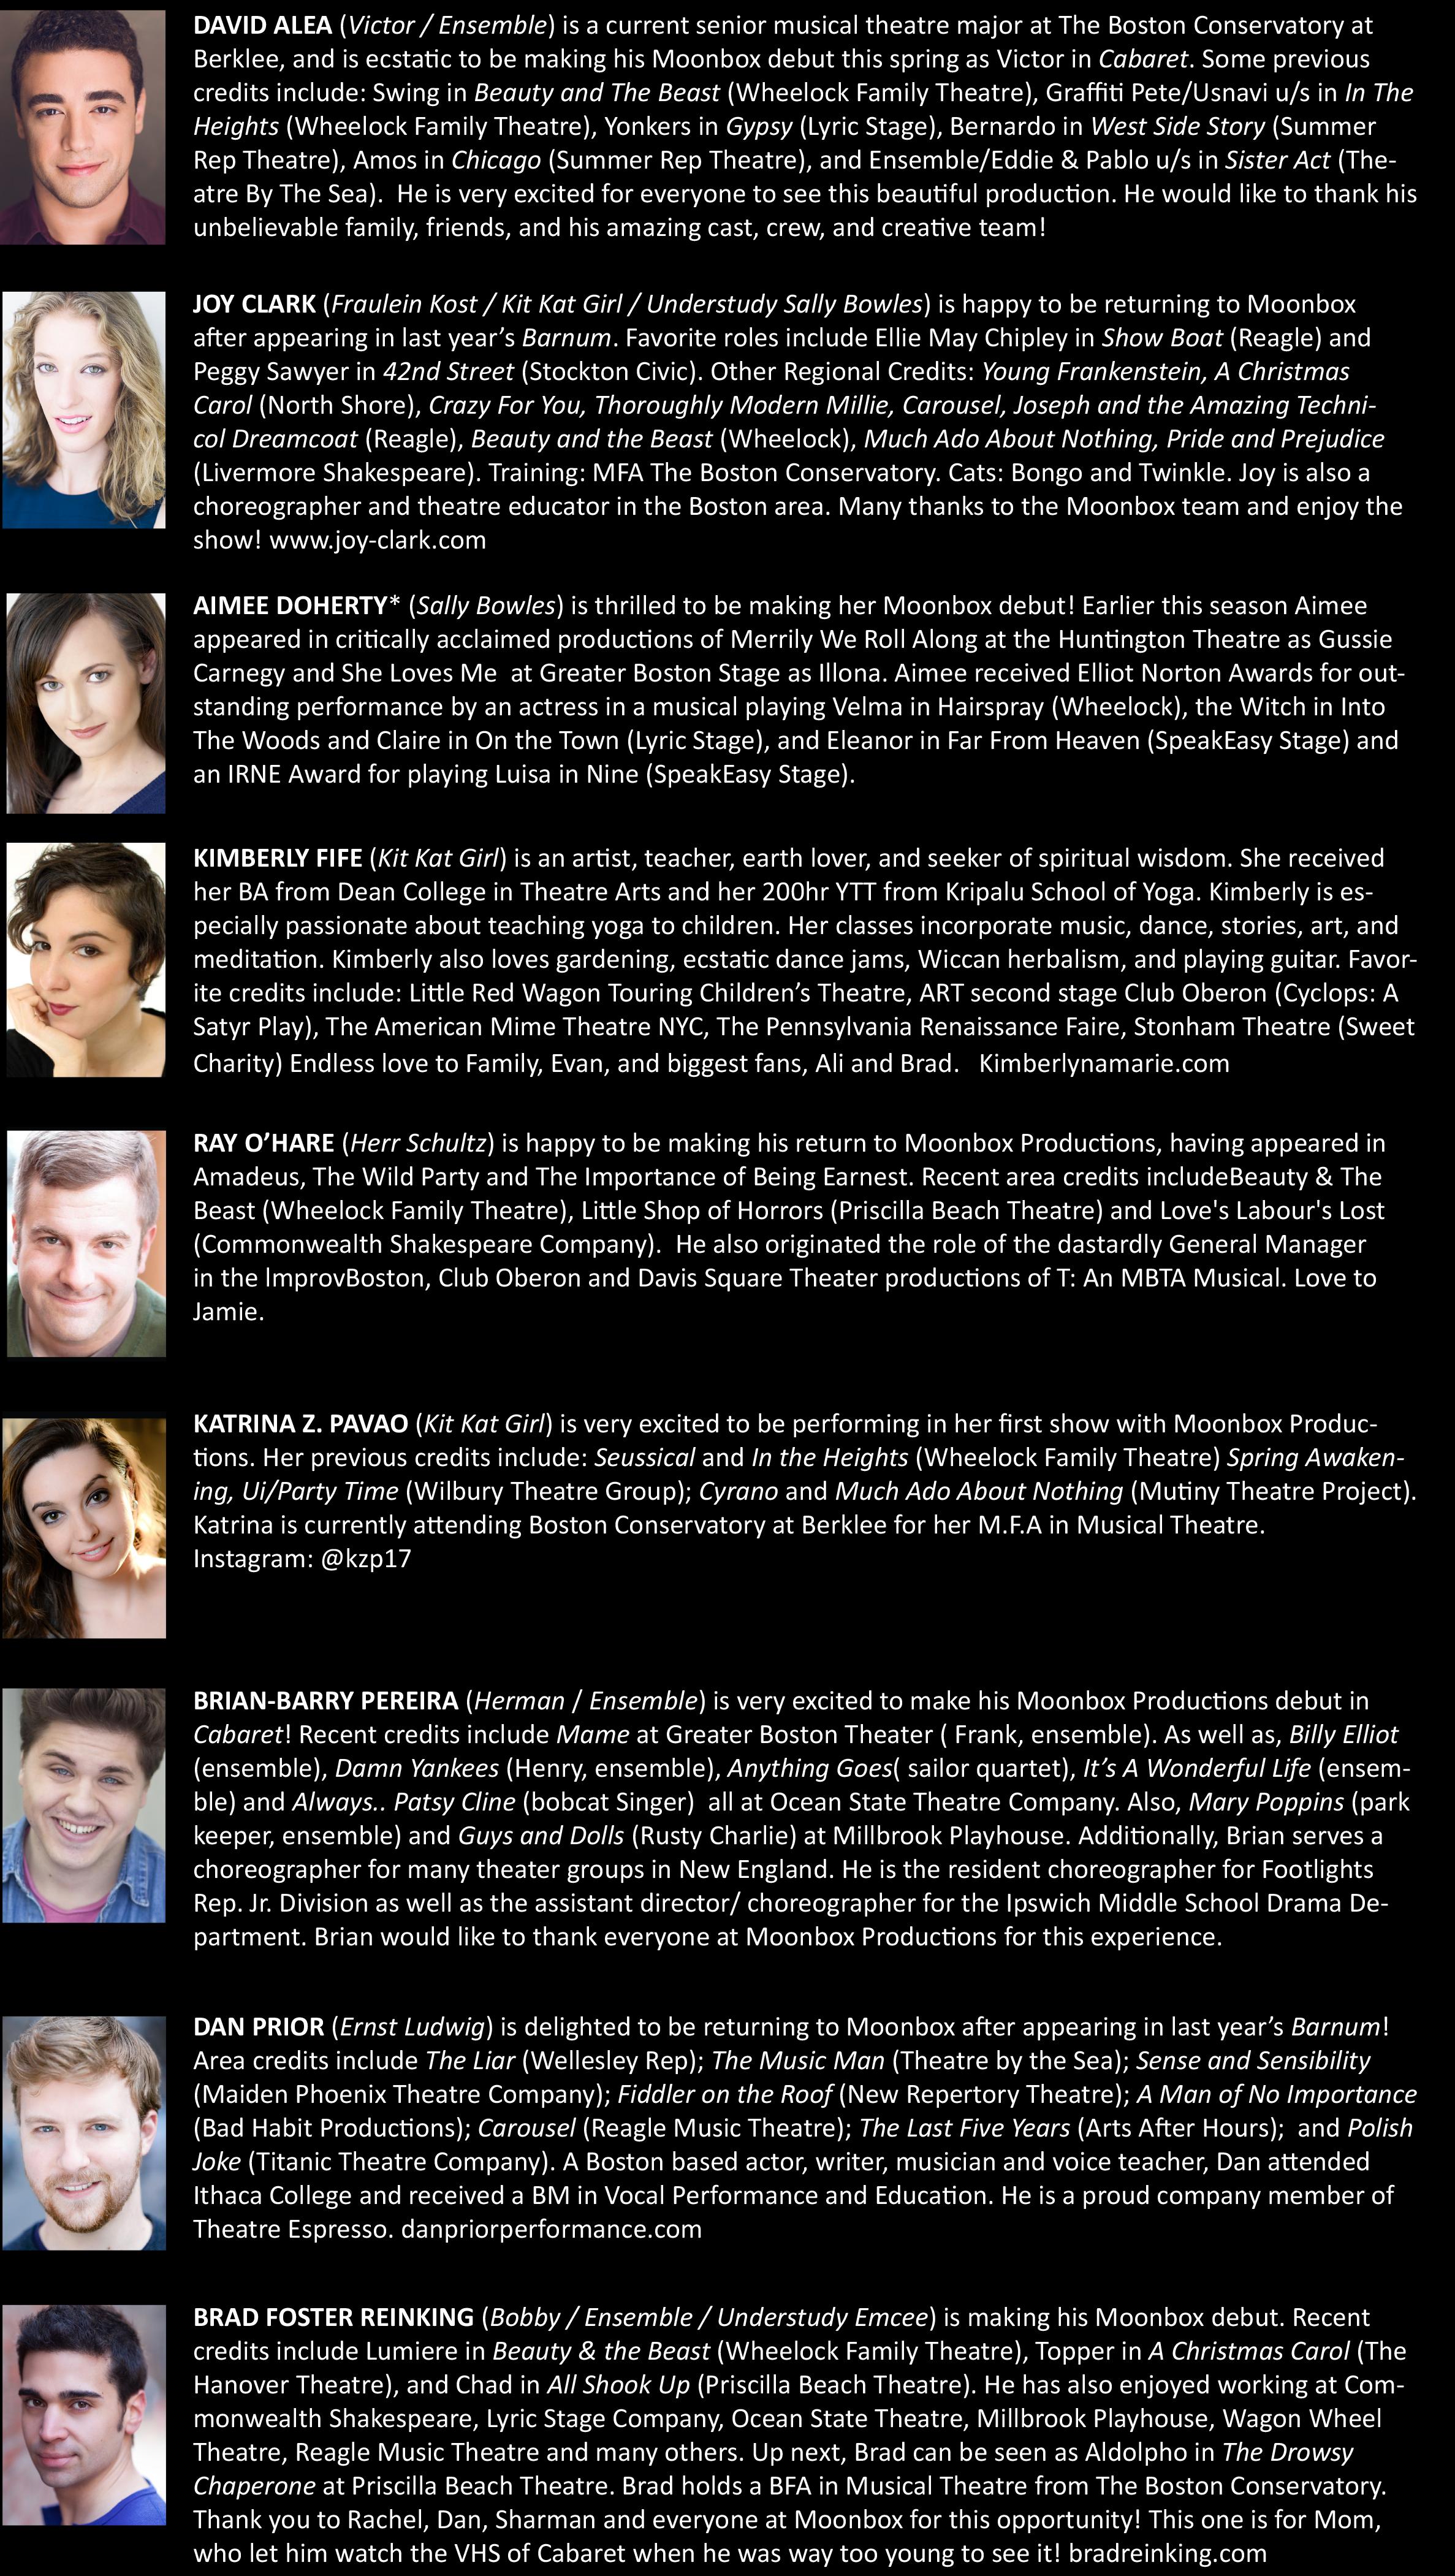 Kabaret meet cast web 333.jpg